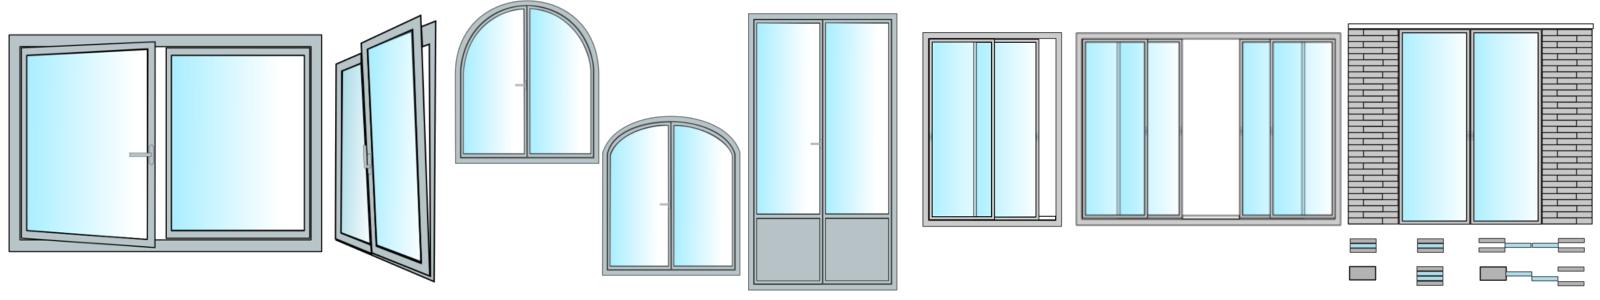 Modele de porte et fenetre